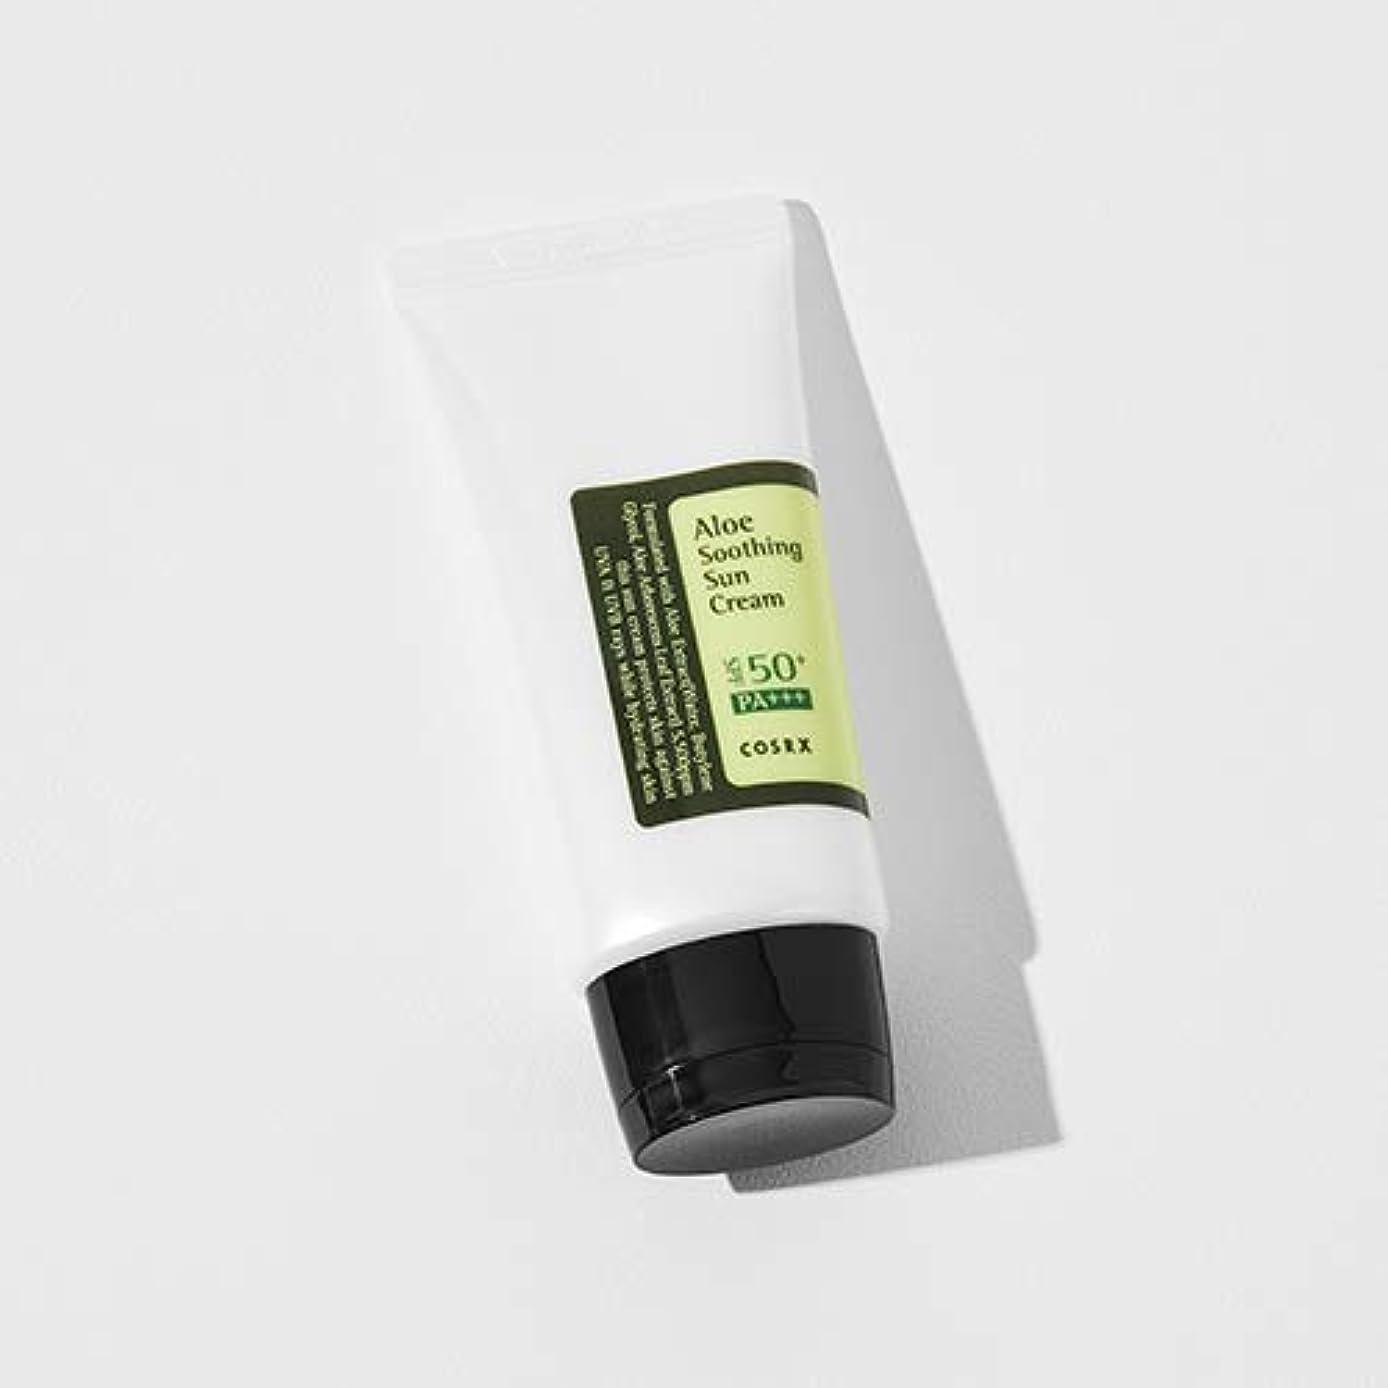 倒産スズメバチ左[COSRX] Aloe Soothing Sun Cream 50ml / [COSRX] アロエ スーディング サンクリーム 50ml [並行輸入品]